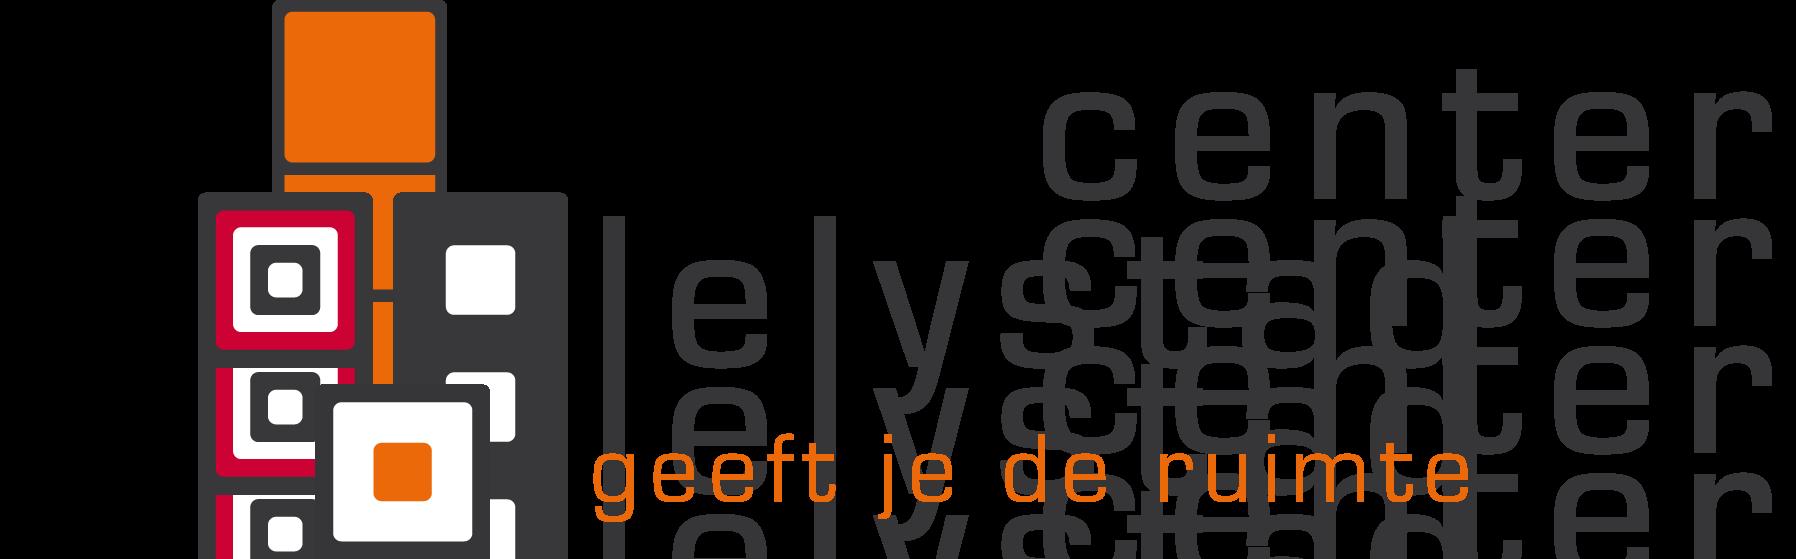 Flexcenter Lelystad